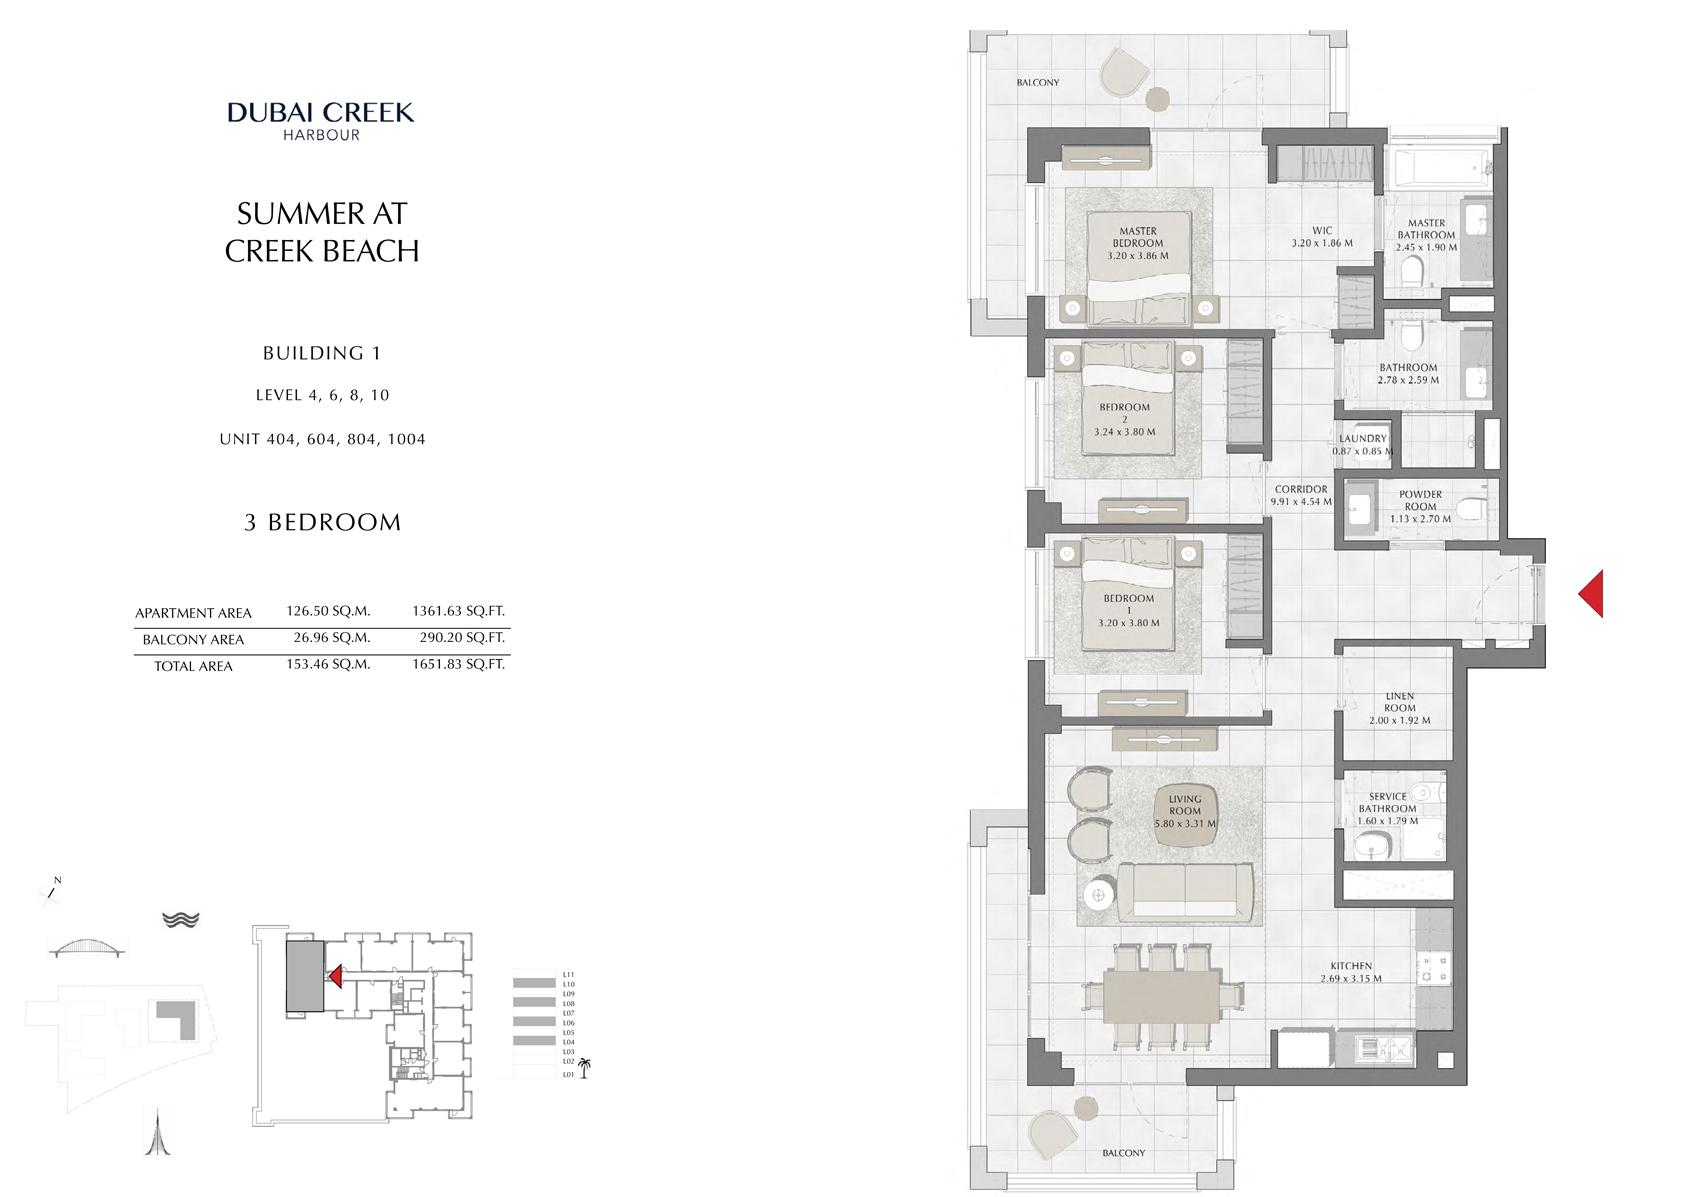 3 Br Building 1 Level-5-7-9 Unit 504-704-904, Size 1651 Sq Ft